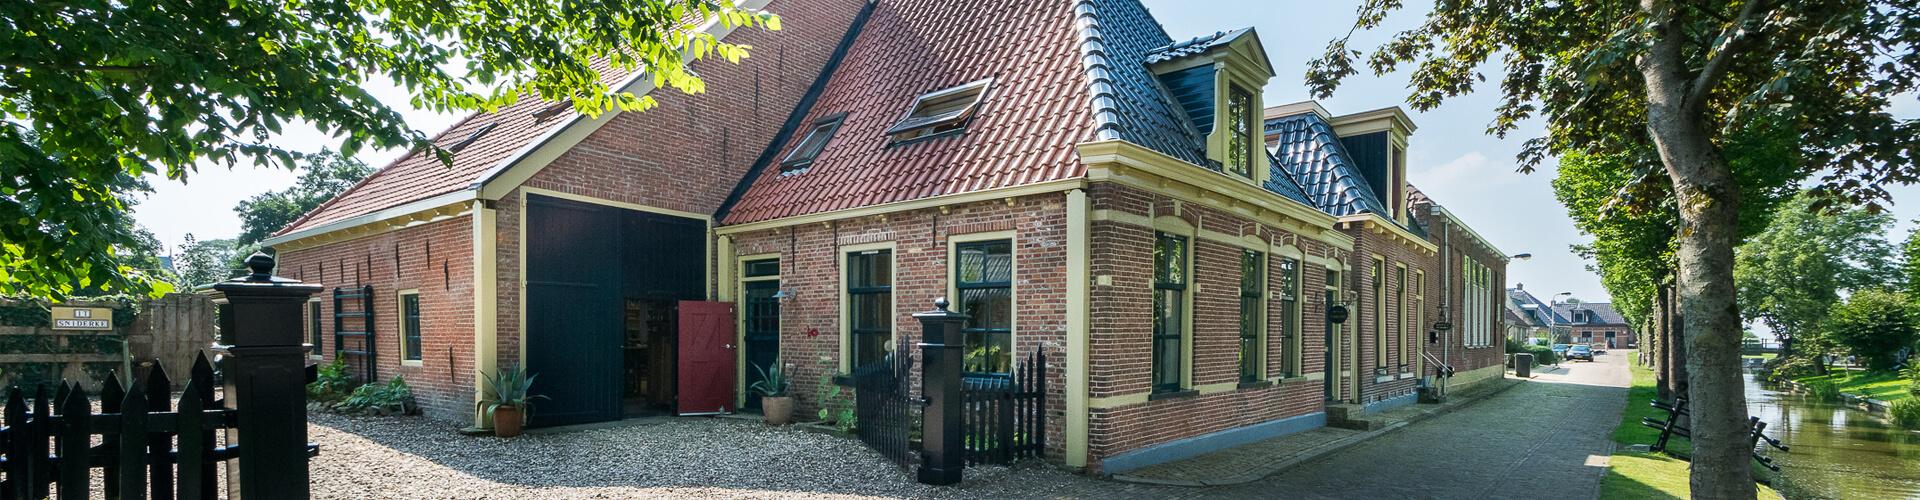 Opkamer (woon)boerderij Friesland